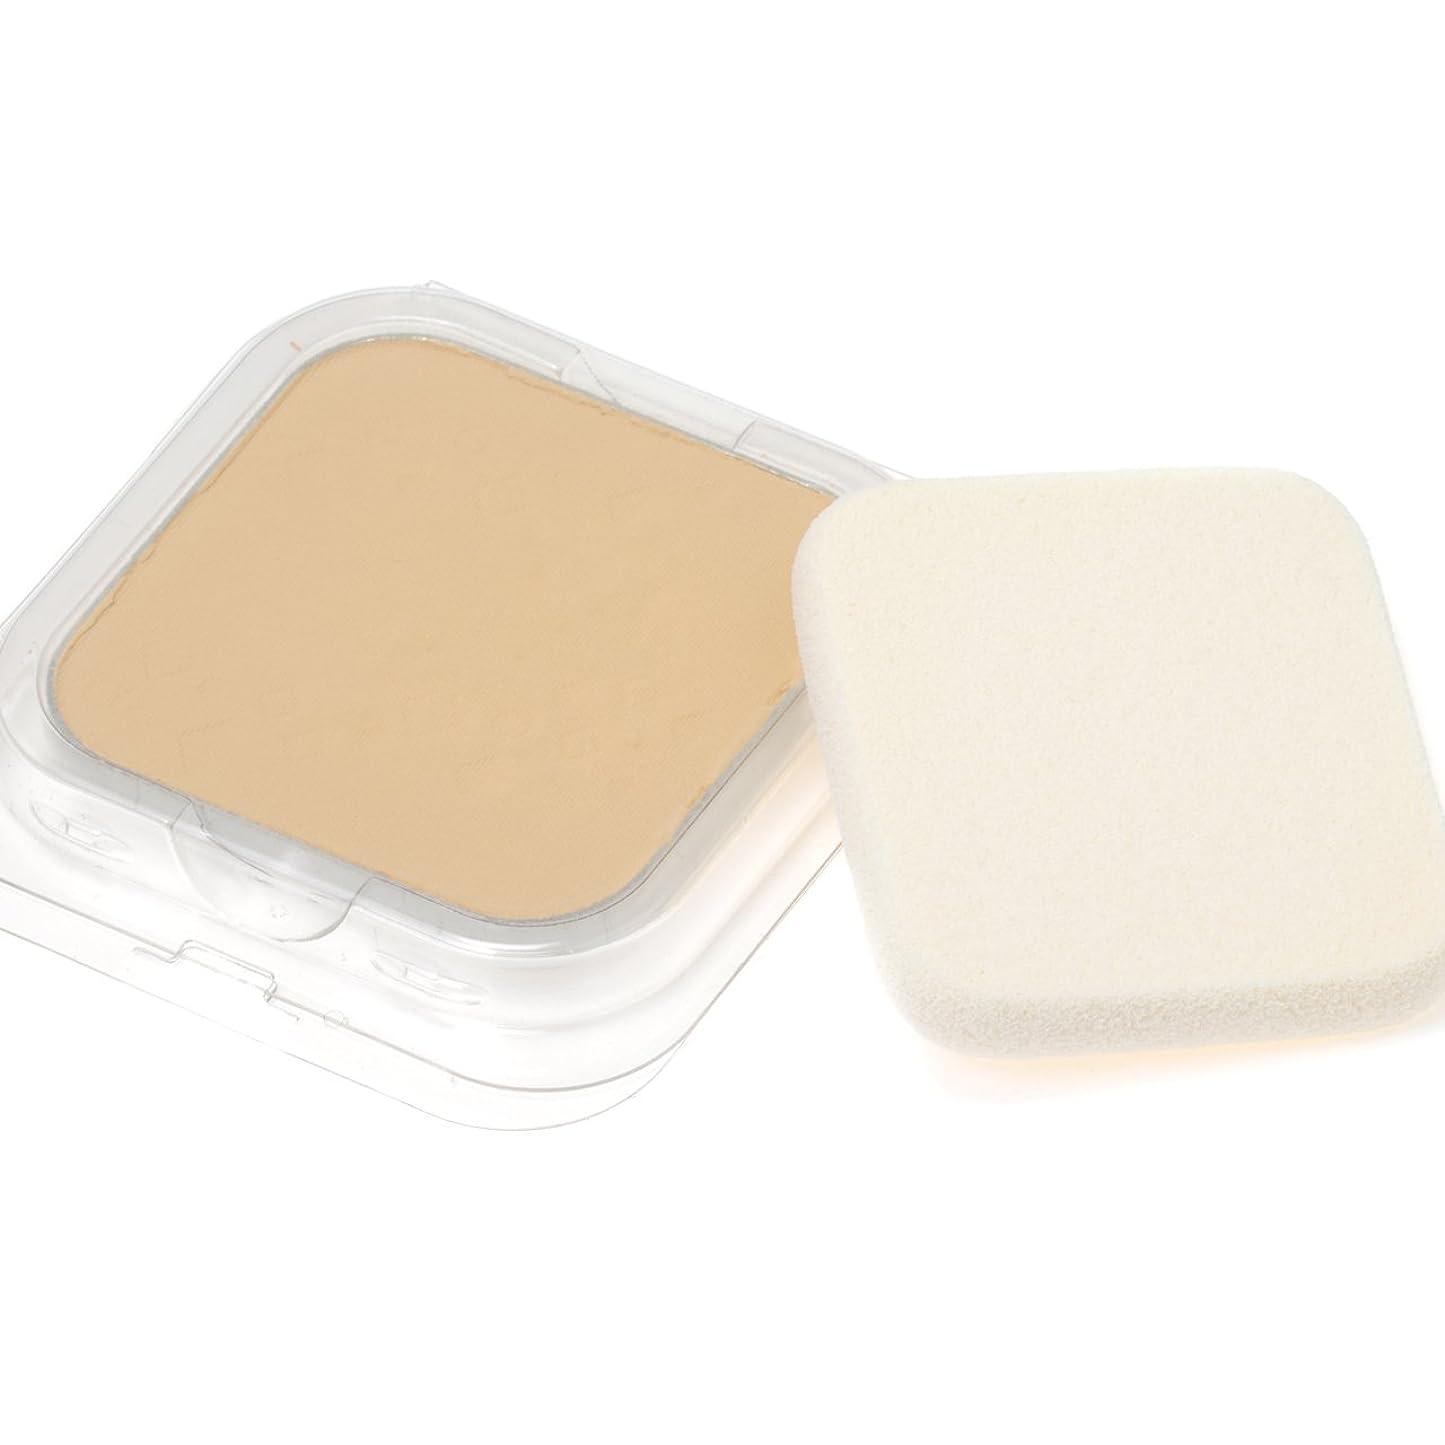 コレクション柔らかさ柔らかさキャンメイク UVシルキーフィットファンデーション リフィル02 オークル 10g